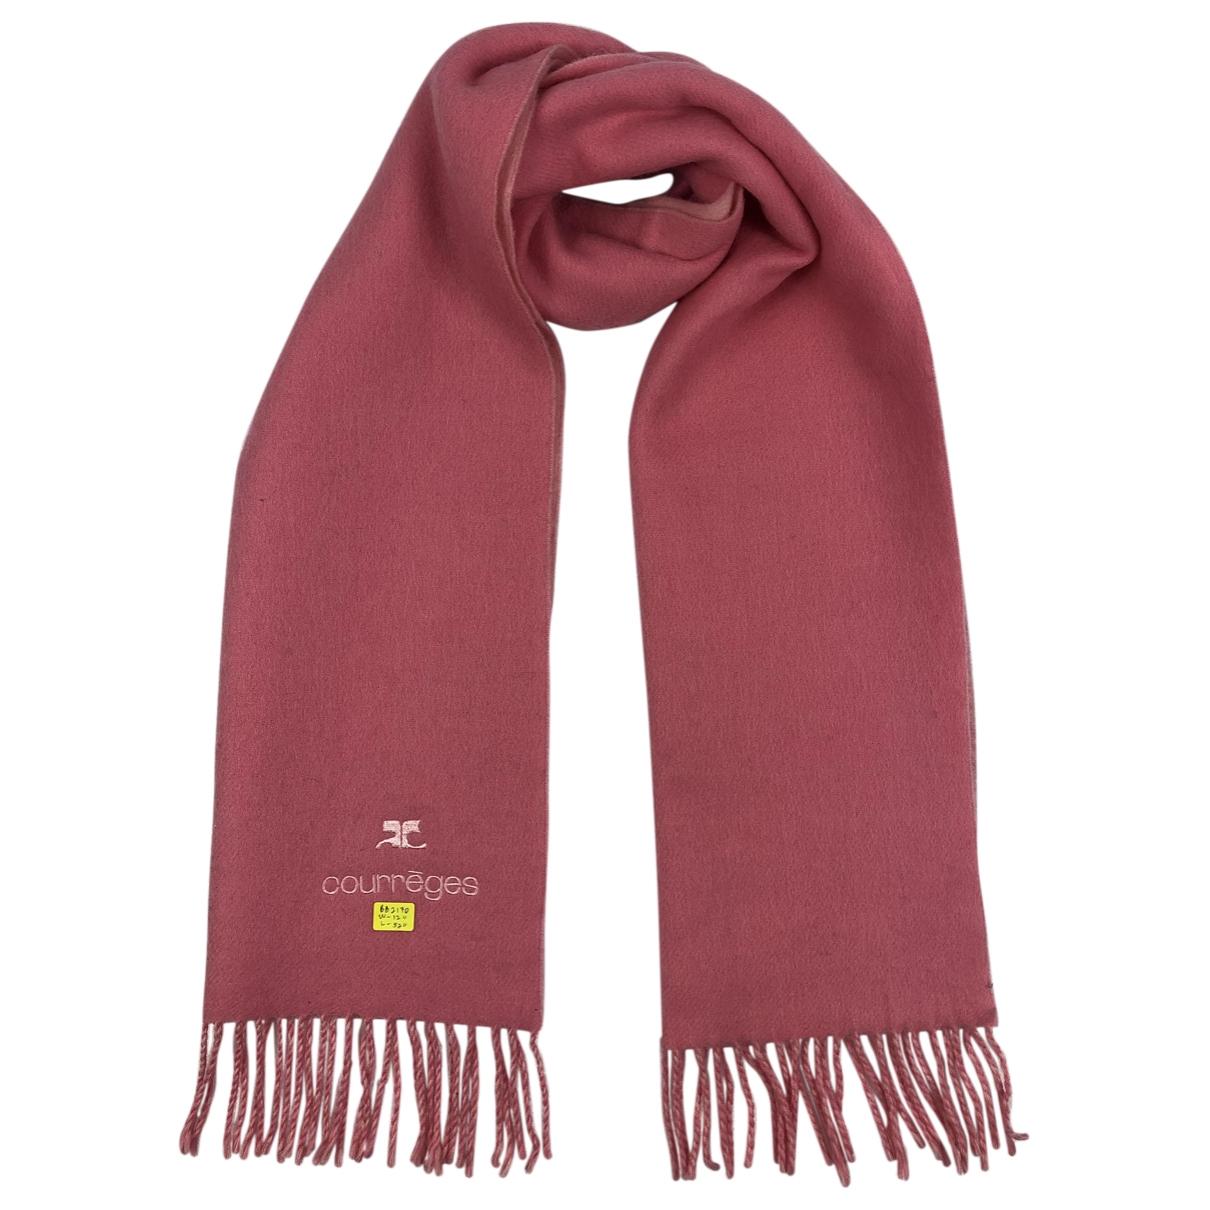 Courreges - Foulard   pour femme en laine - rose